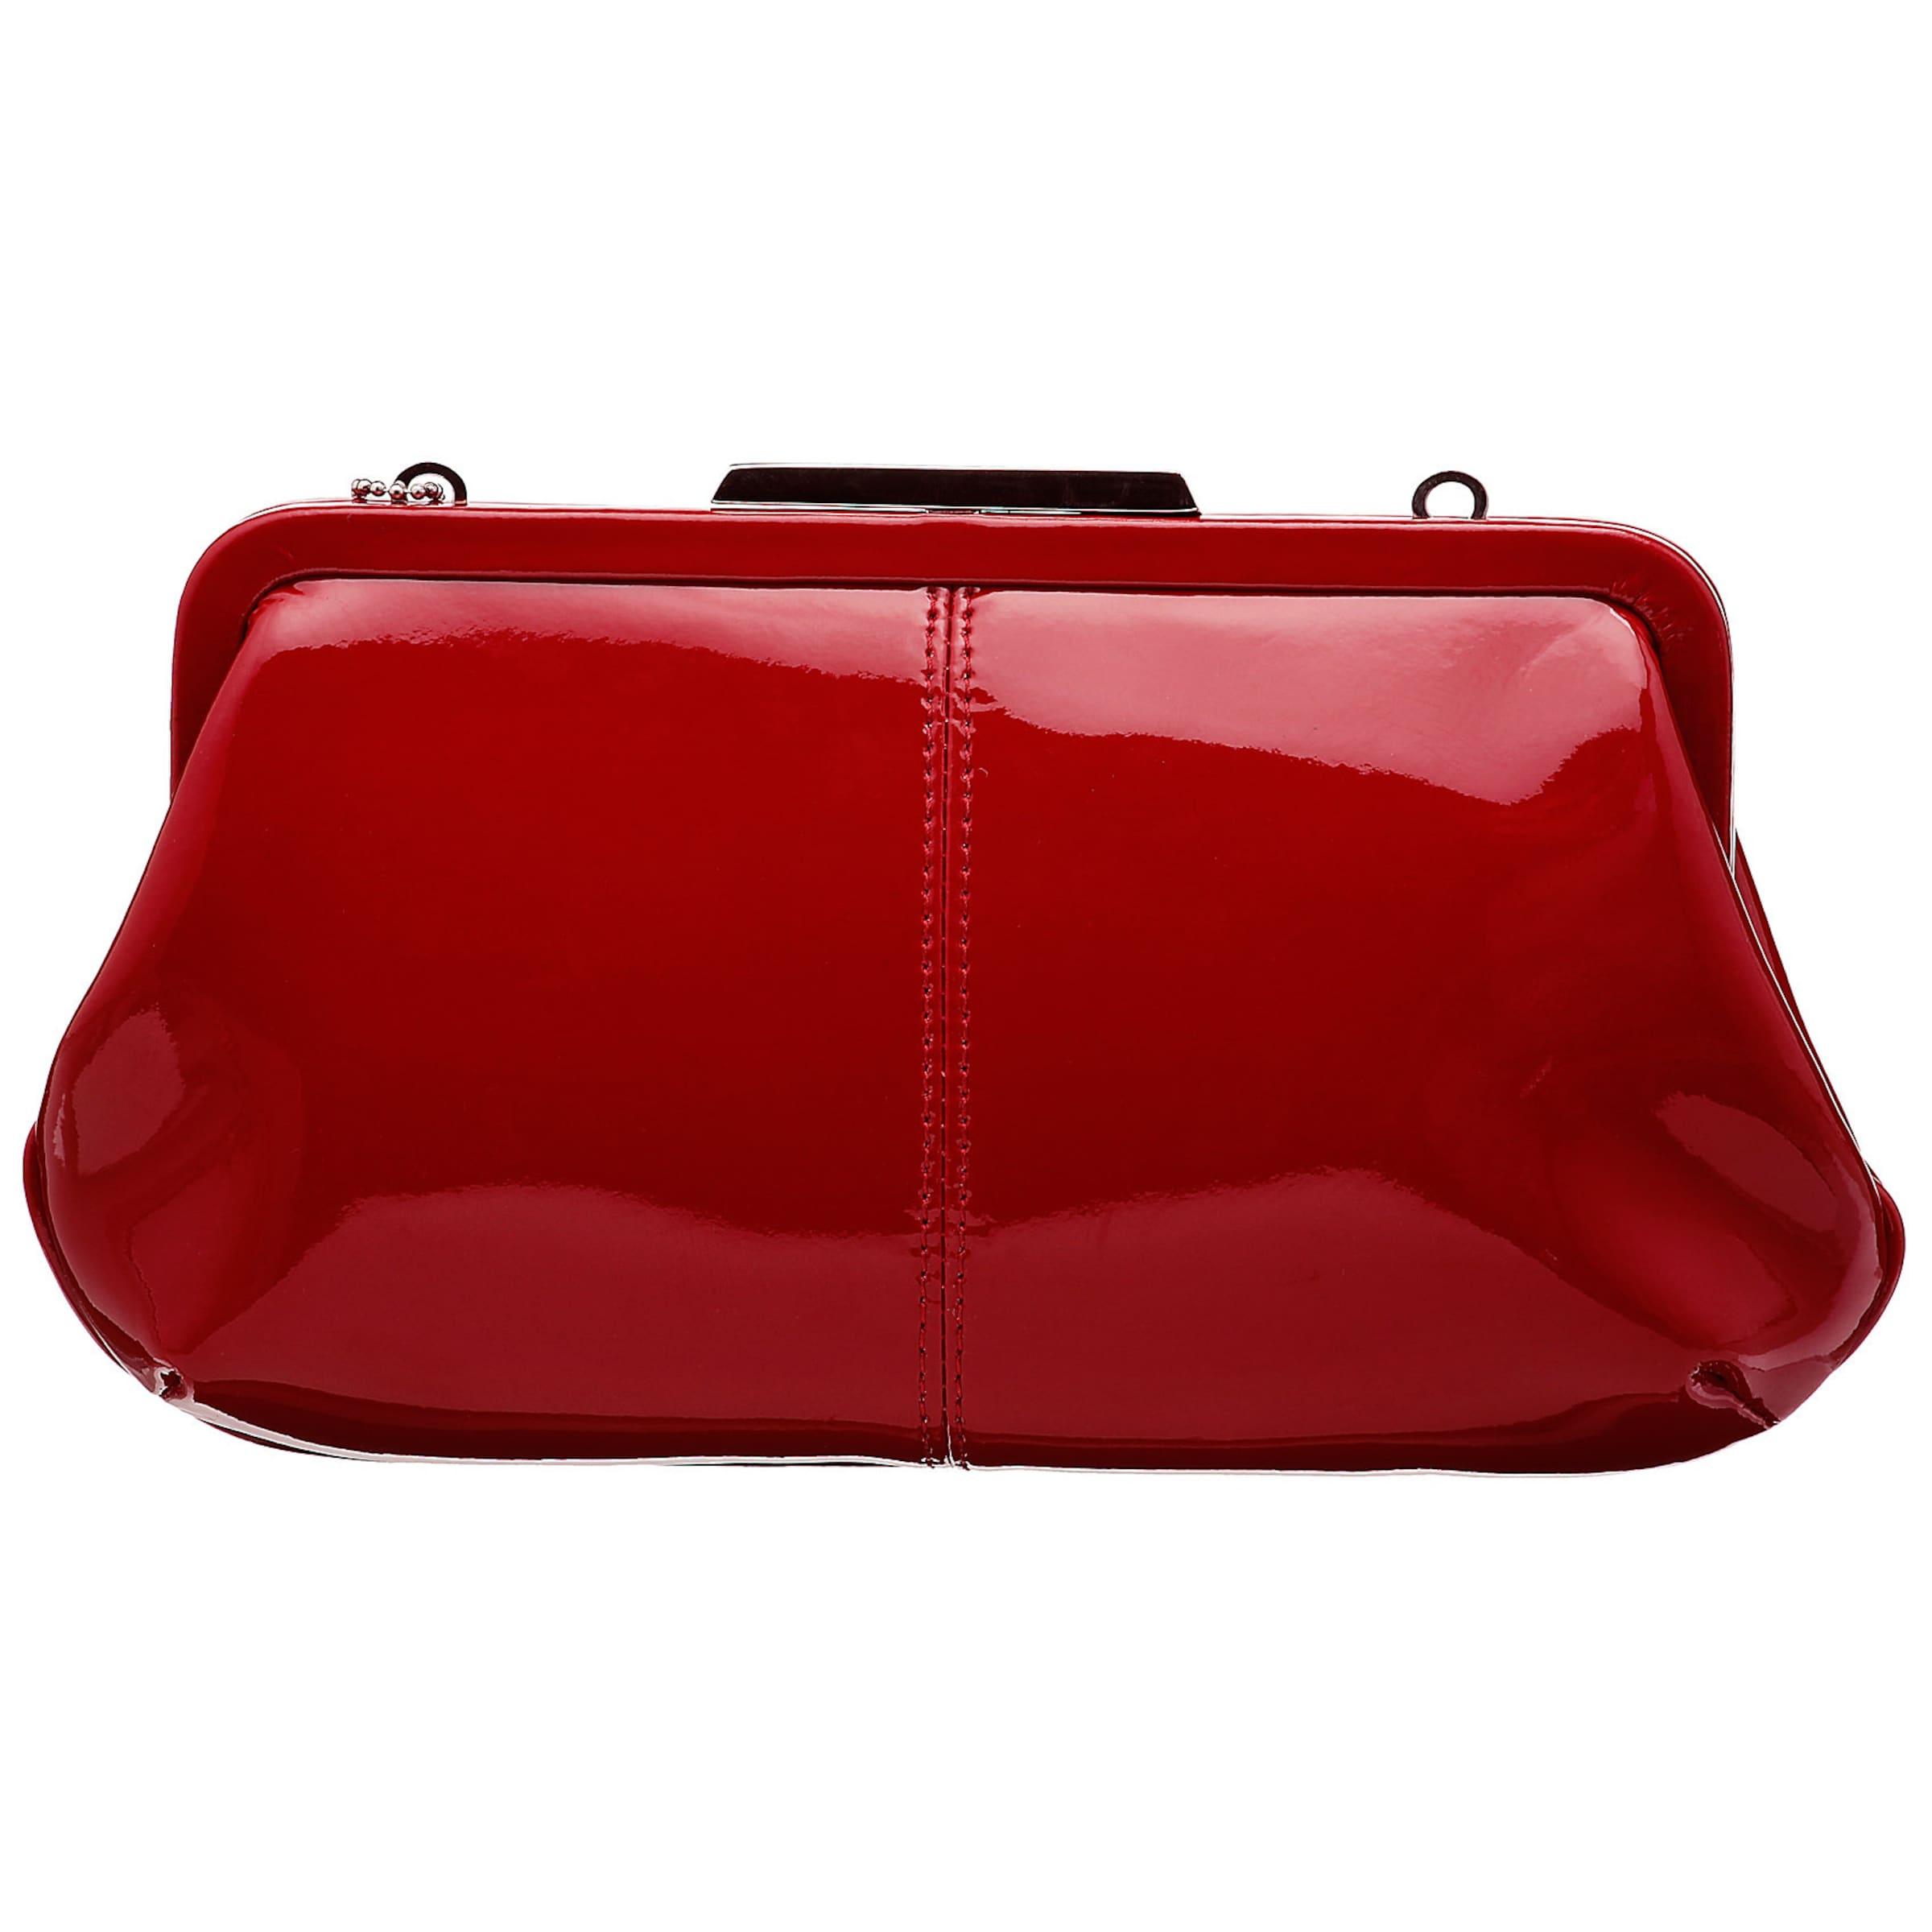 Picard Leder Damentasche Auguri Freies Verschiffen Am Besten Sneakernews Günstiger Preis Ebay Online KzMNe